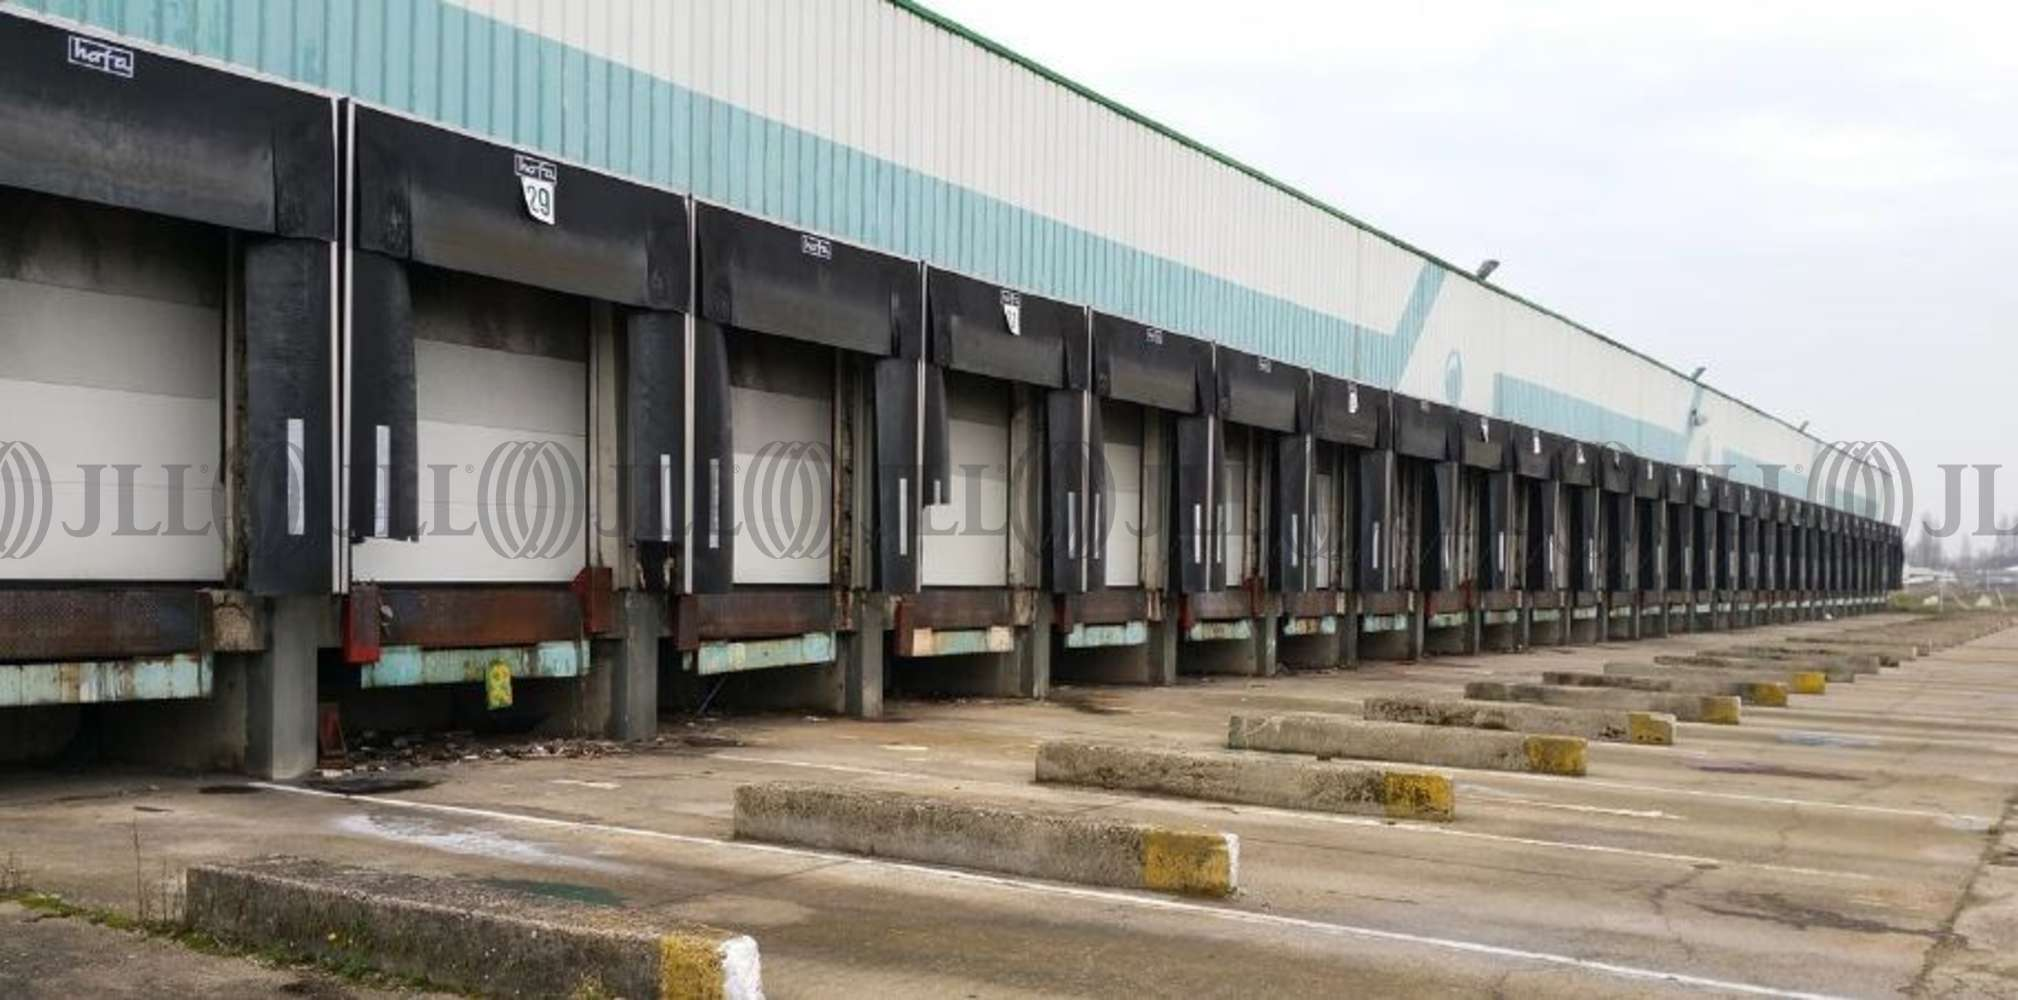 Plateformes logistiques Longvic, 21600 - Location bâtiment de messagerie - Dijon - 9508335